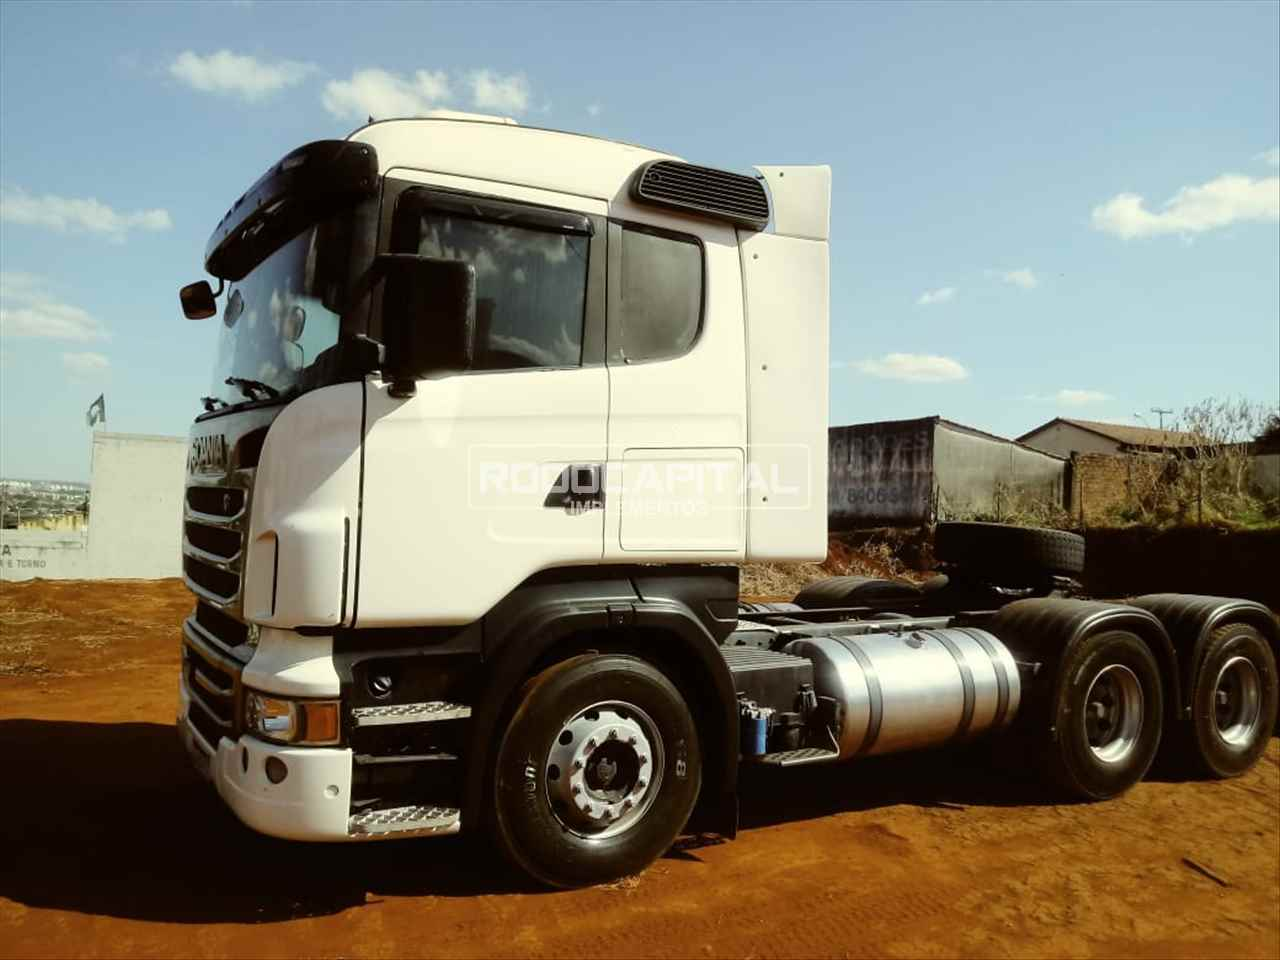 CAMINHAO SCANIA SCANIA 440 Cavalo Mecânico Traçado 6x4 RODOCAPITAL - TRUCKVAN BRASILIA DISTRITO FEDERAL DF